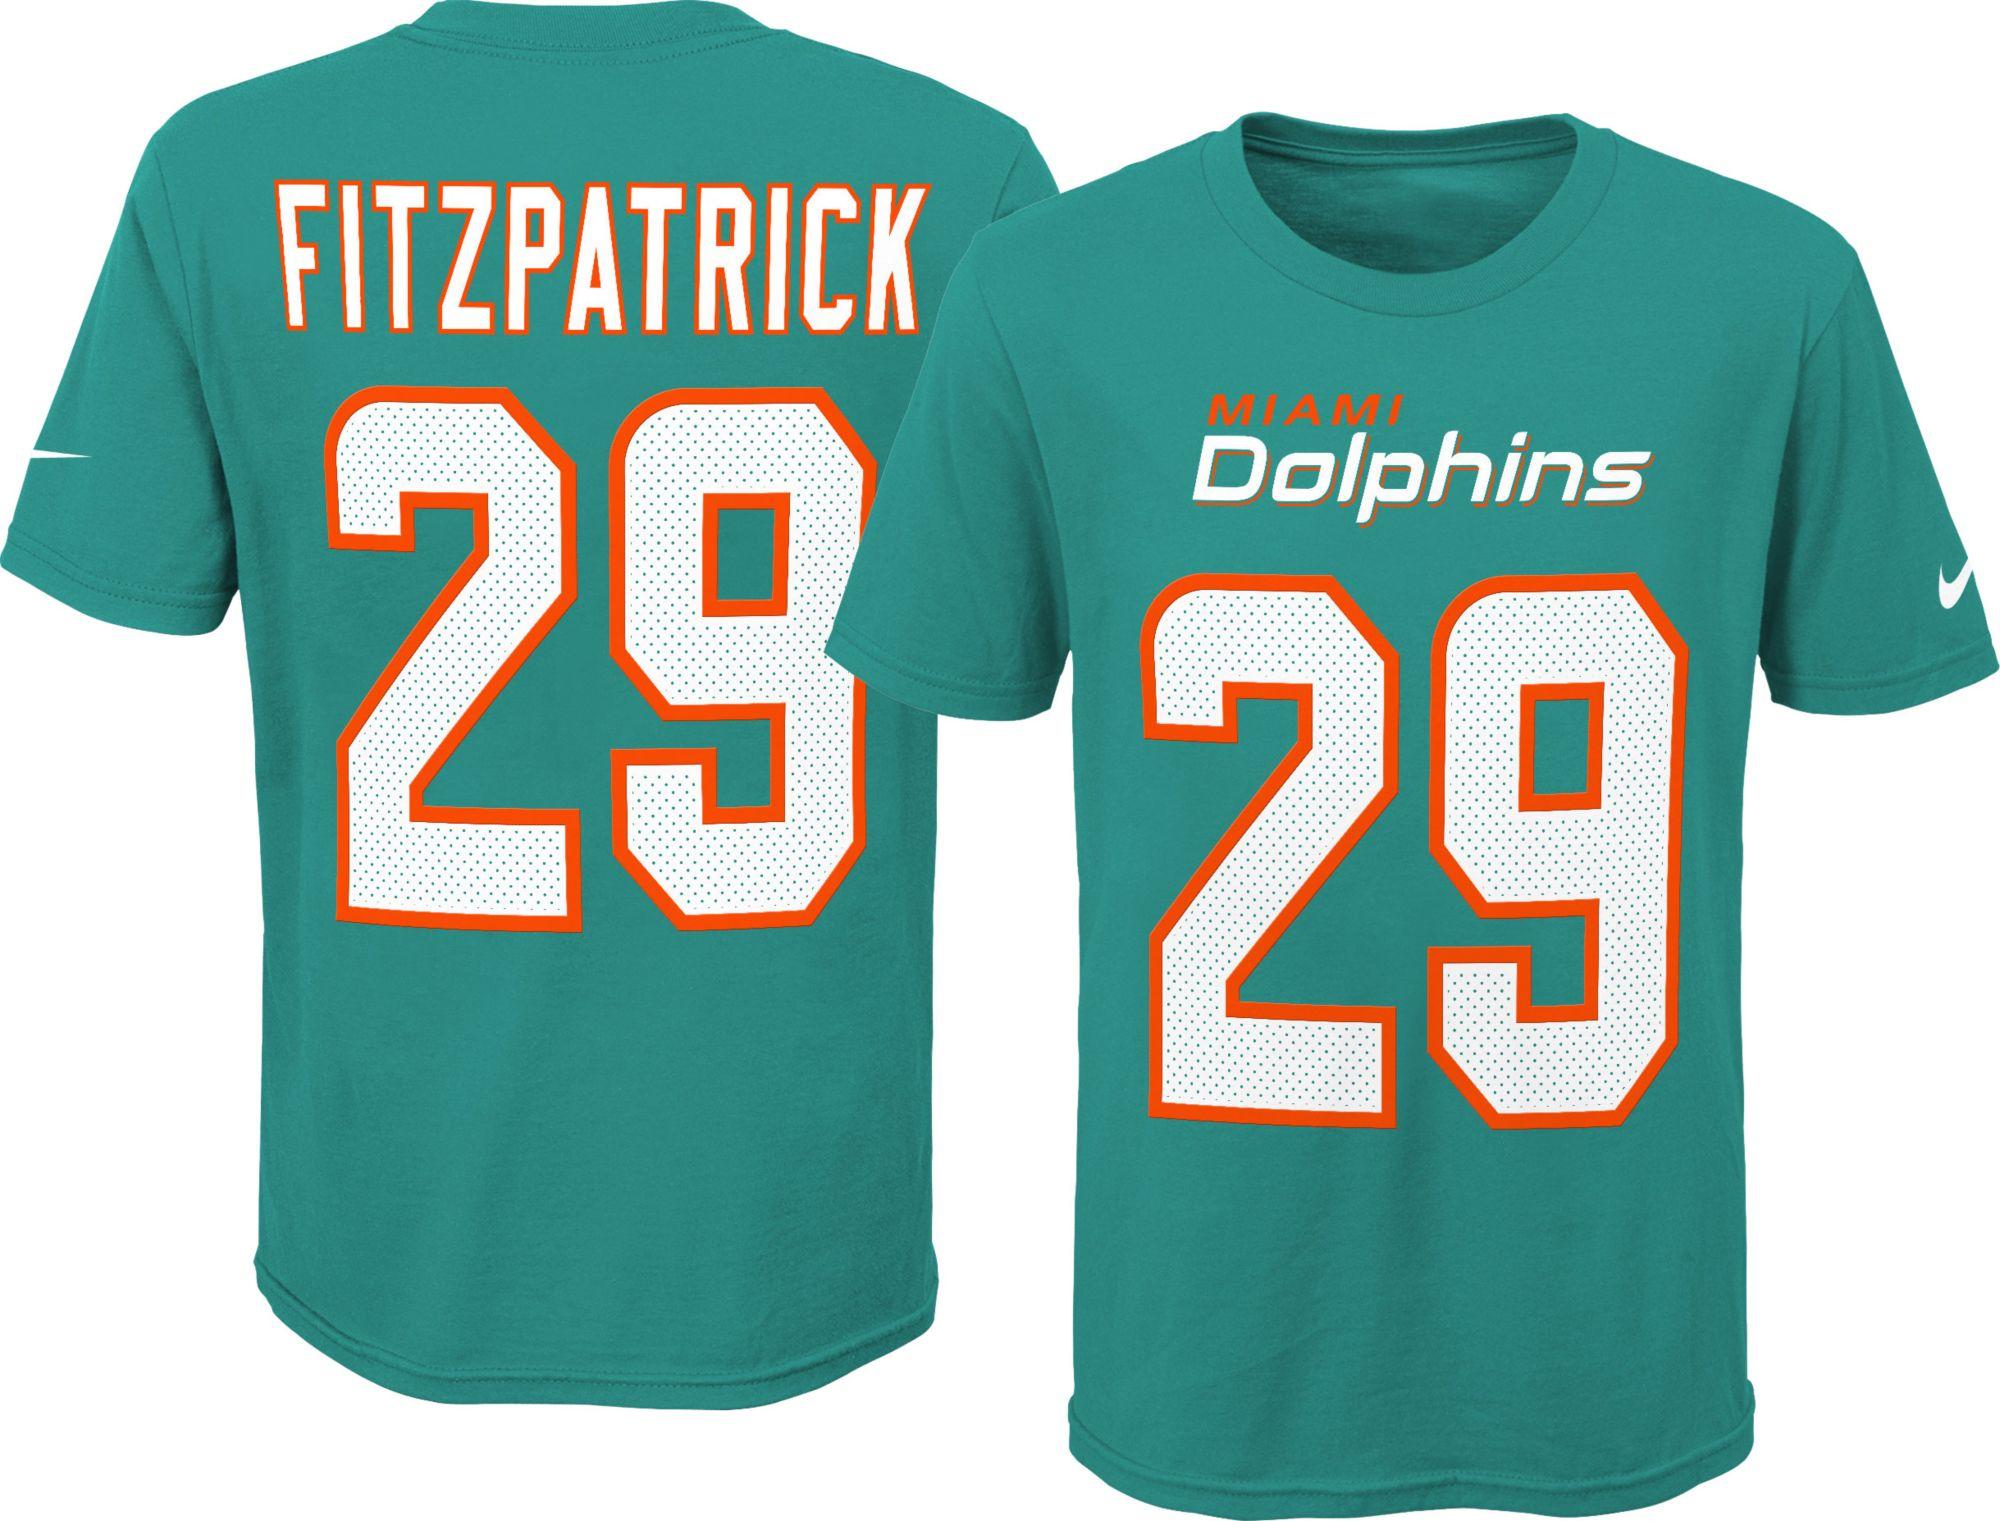 minkah fitzpatrick youth jersey